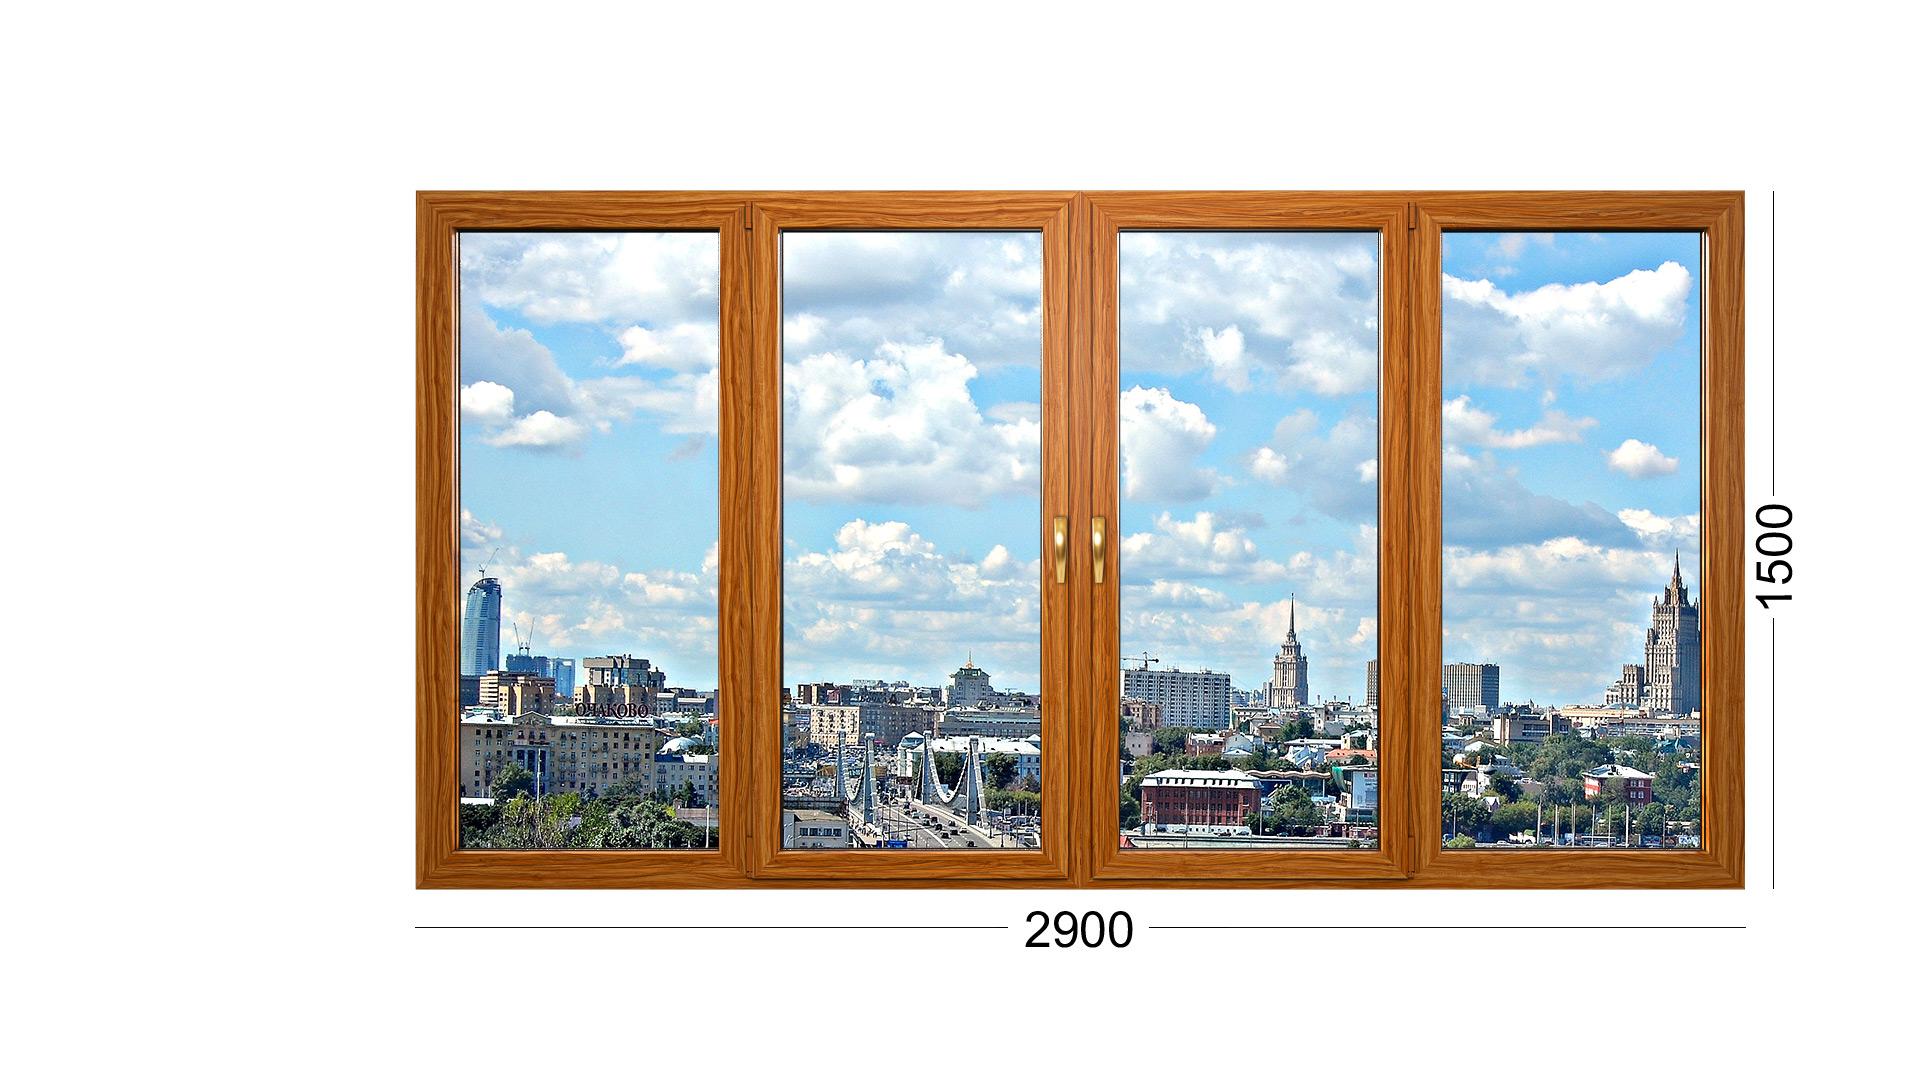 Конструкция фото окна деревянного из сосны или лиственницы, дуба для дома ii-57 серии